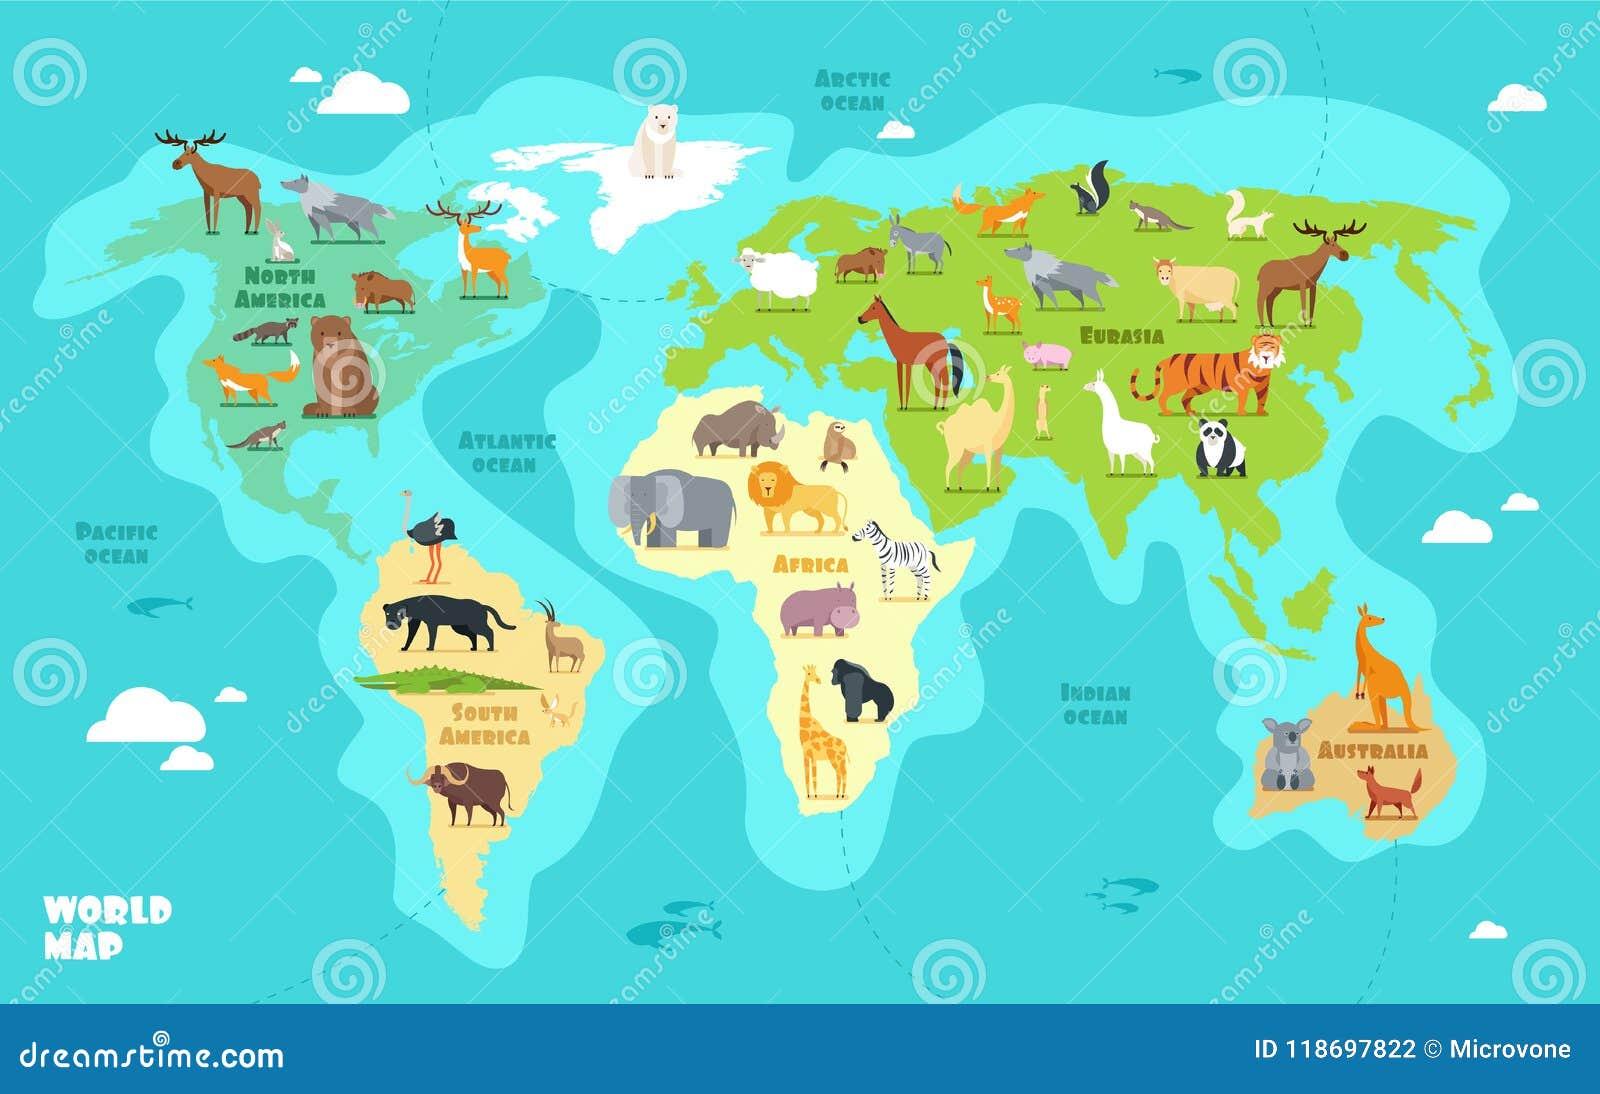 Mapa Do Mundo Dos Desenhos Animados Com Animais Oceanos E